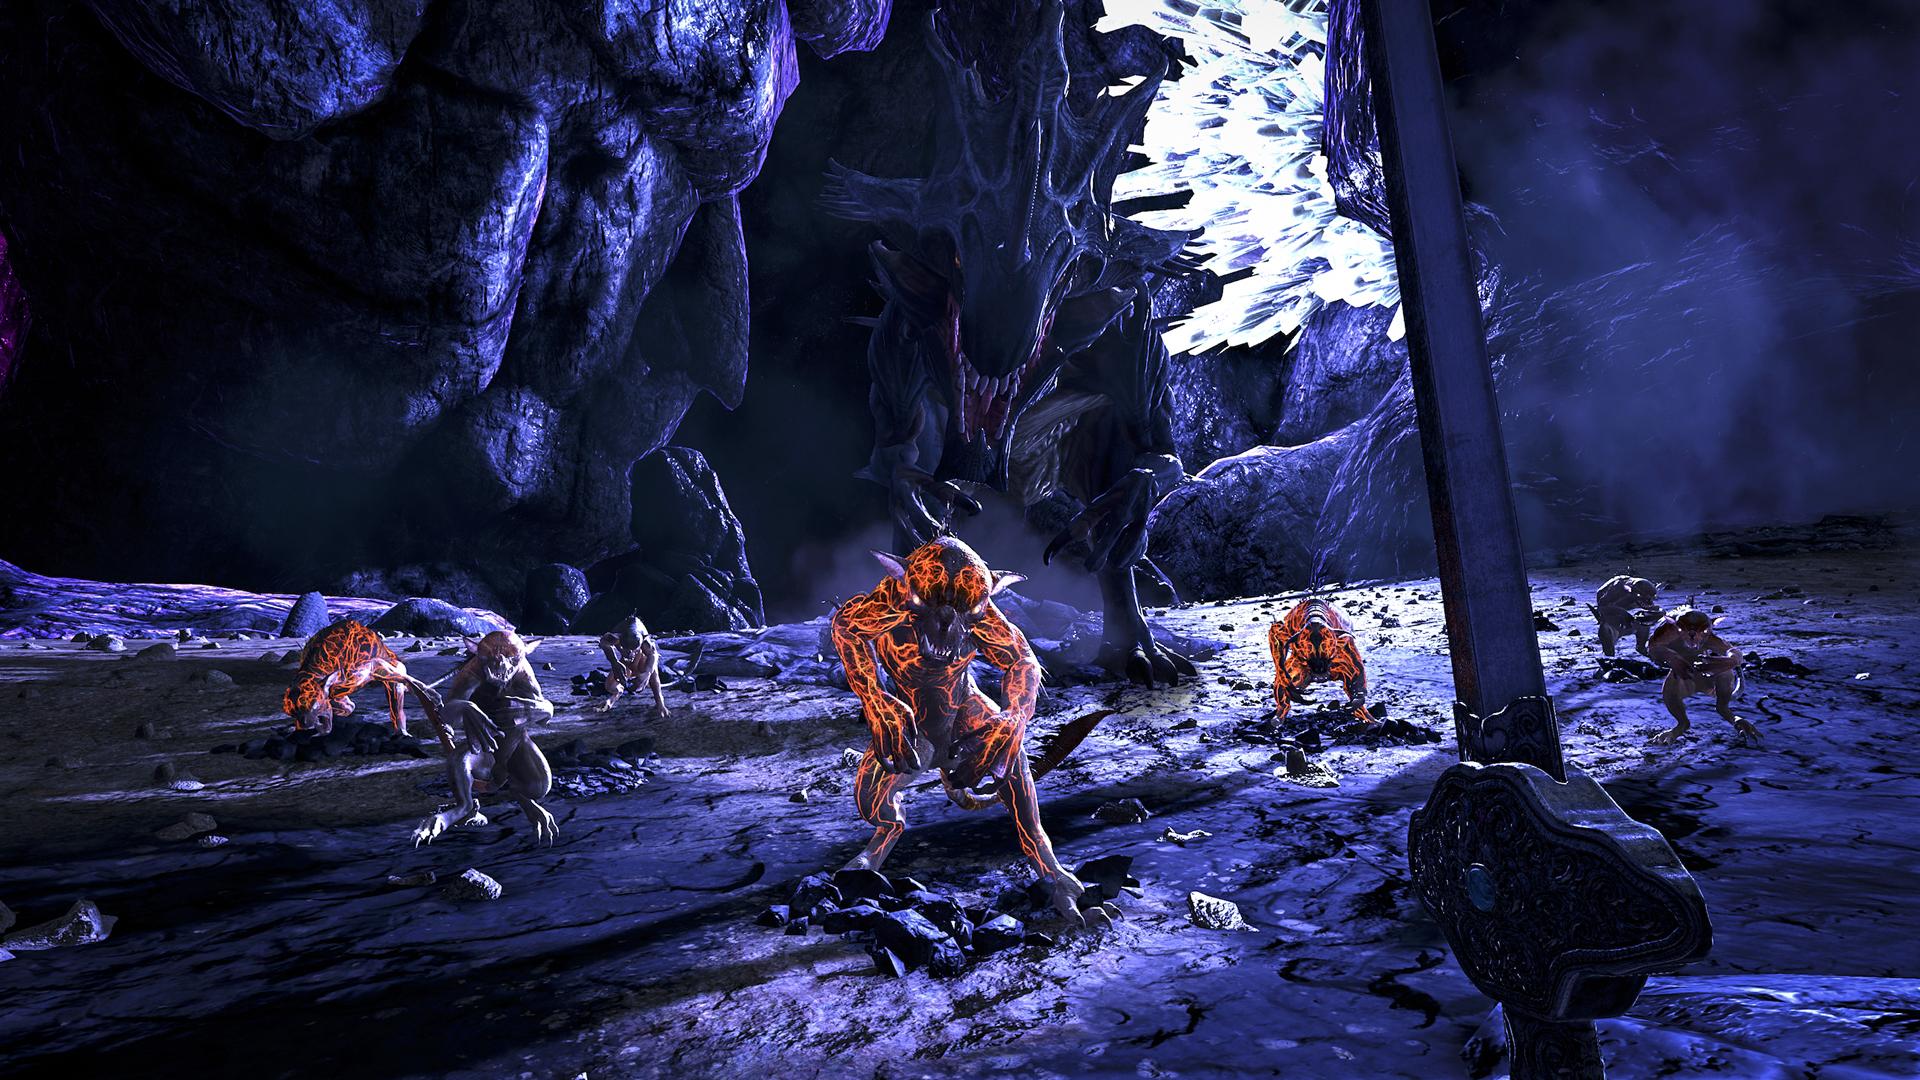 Дополнение ARK: Survival Evolved — Aberration выйдет в декабре. В игре появятся динозавры-мутанты